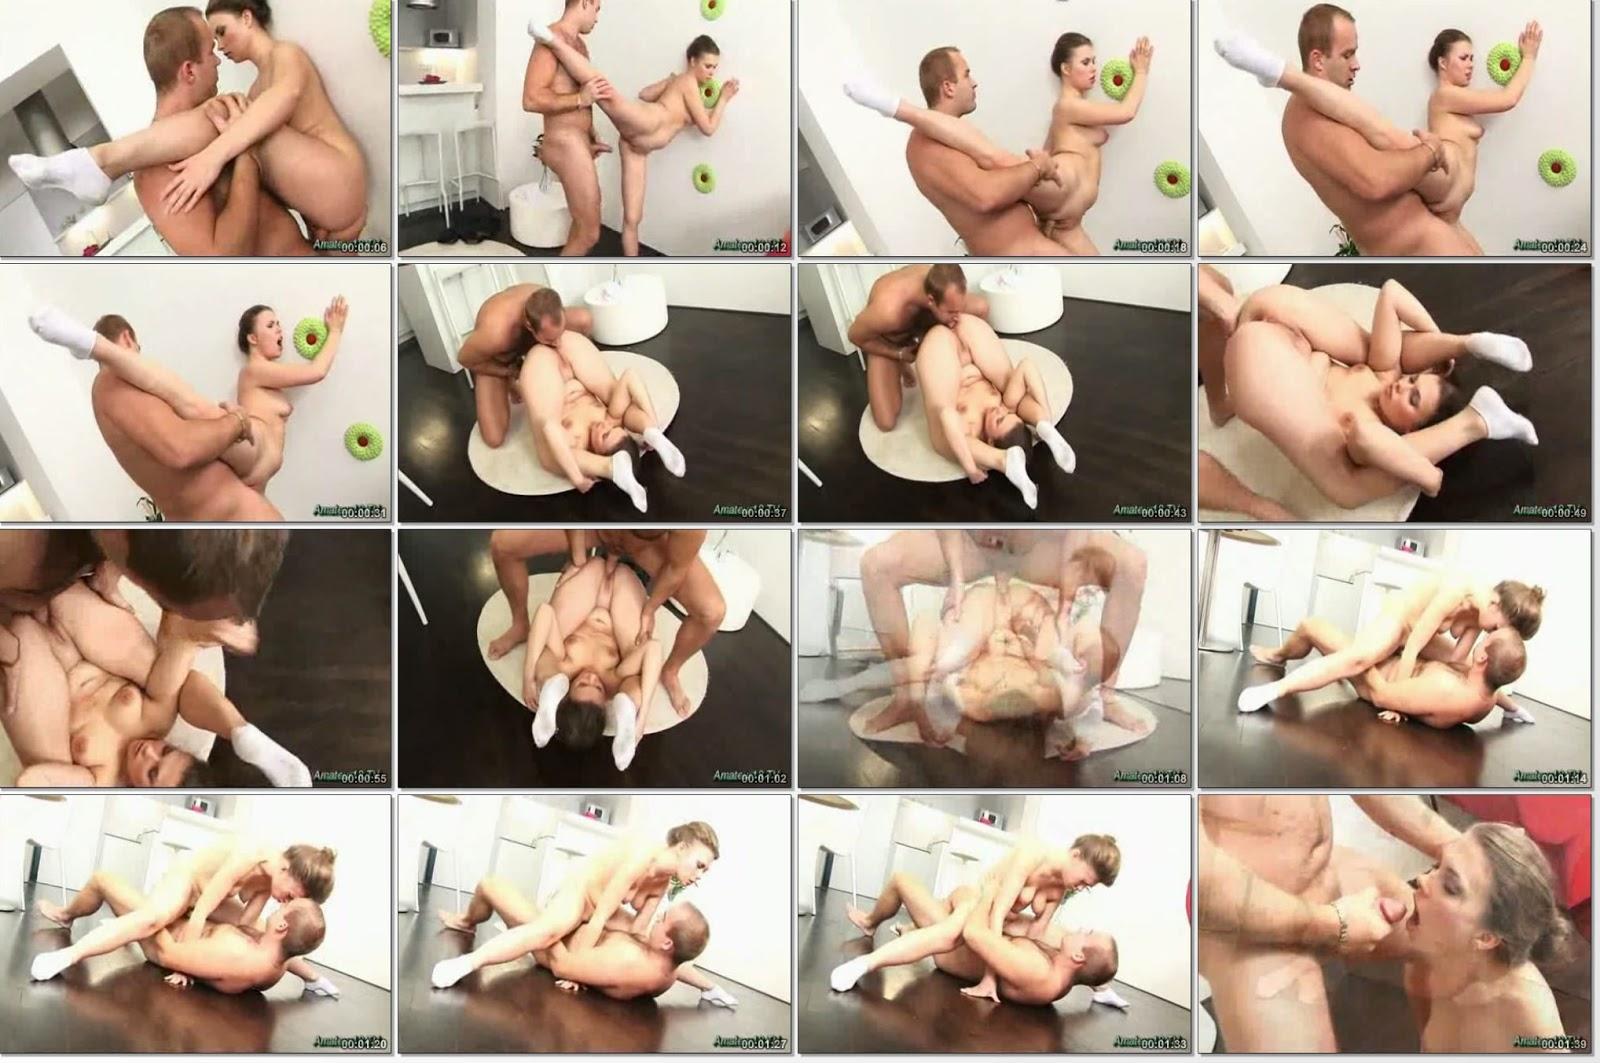 Порно фото гифки - бесплатная секс gif анимация - Part 2